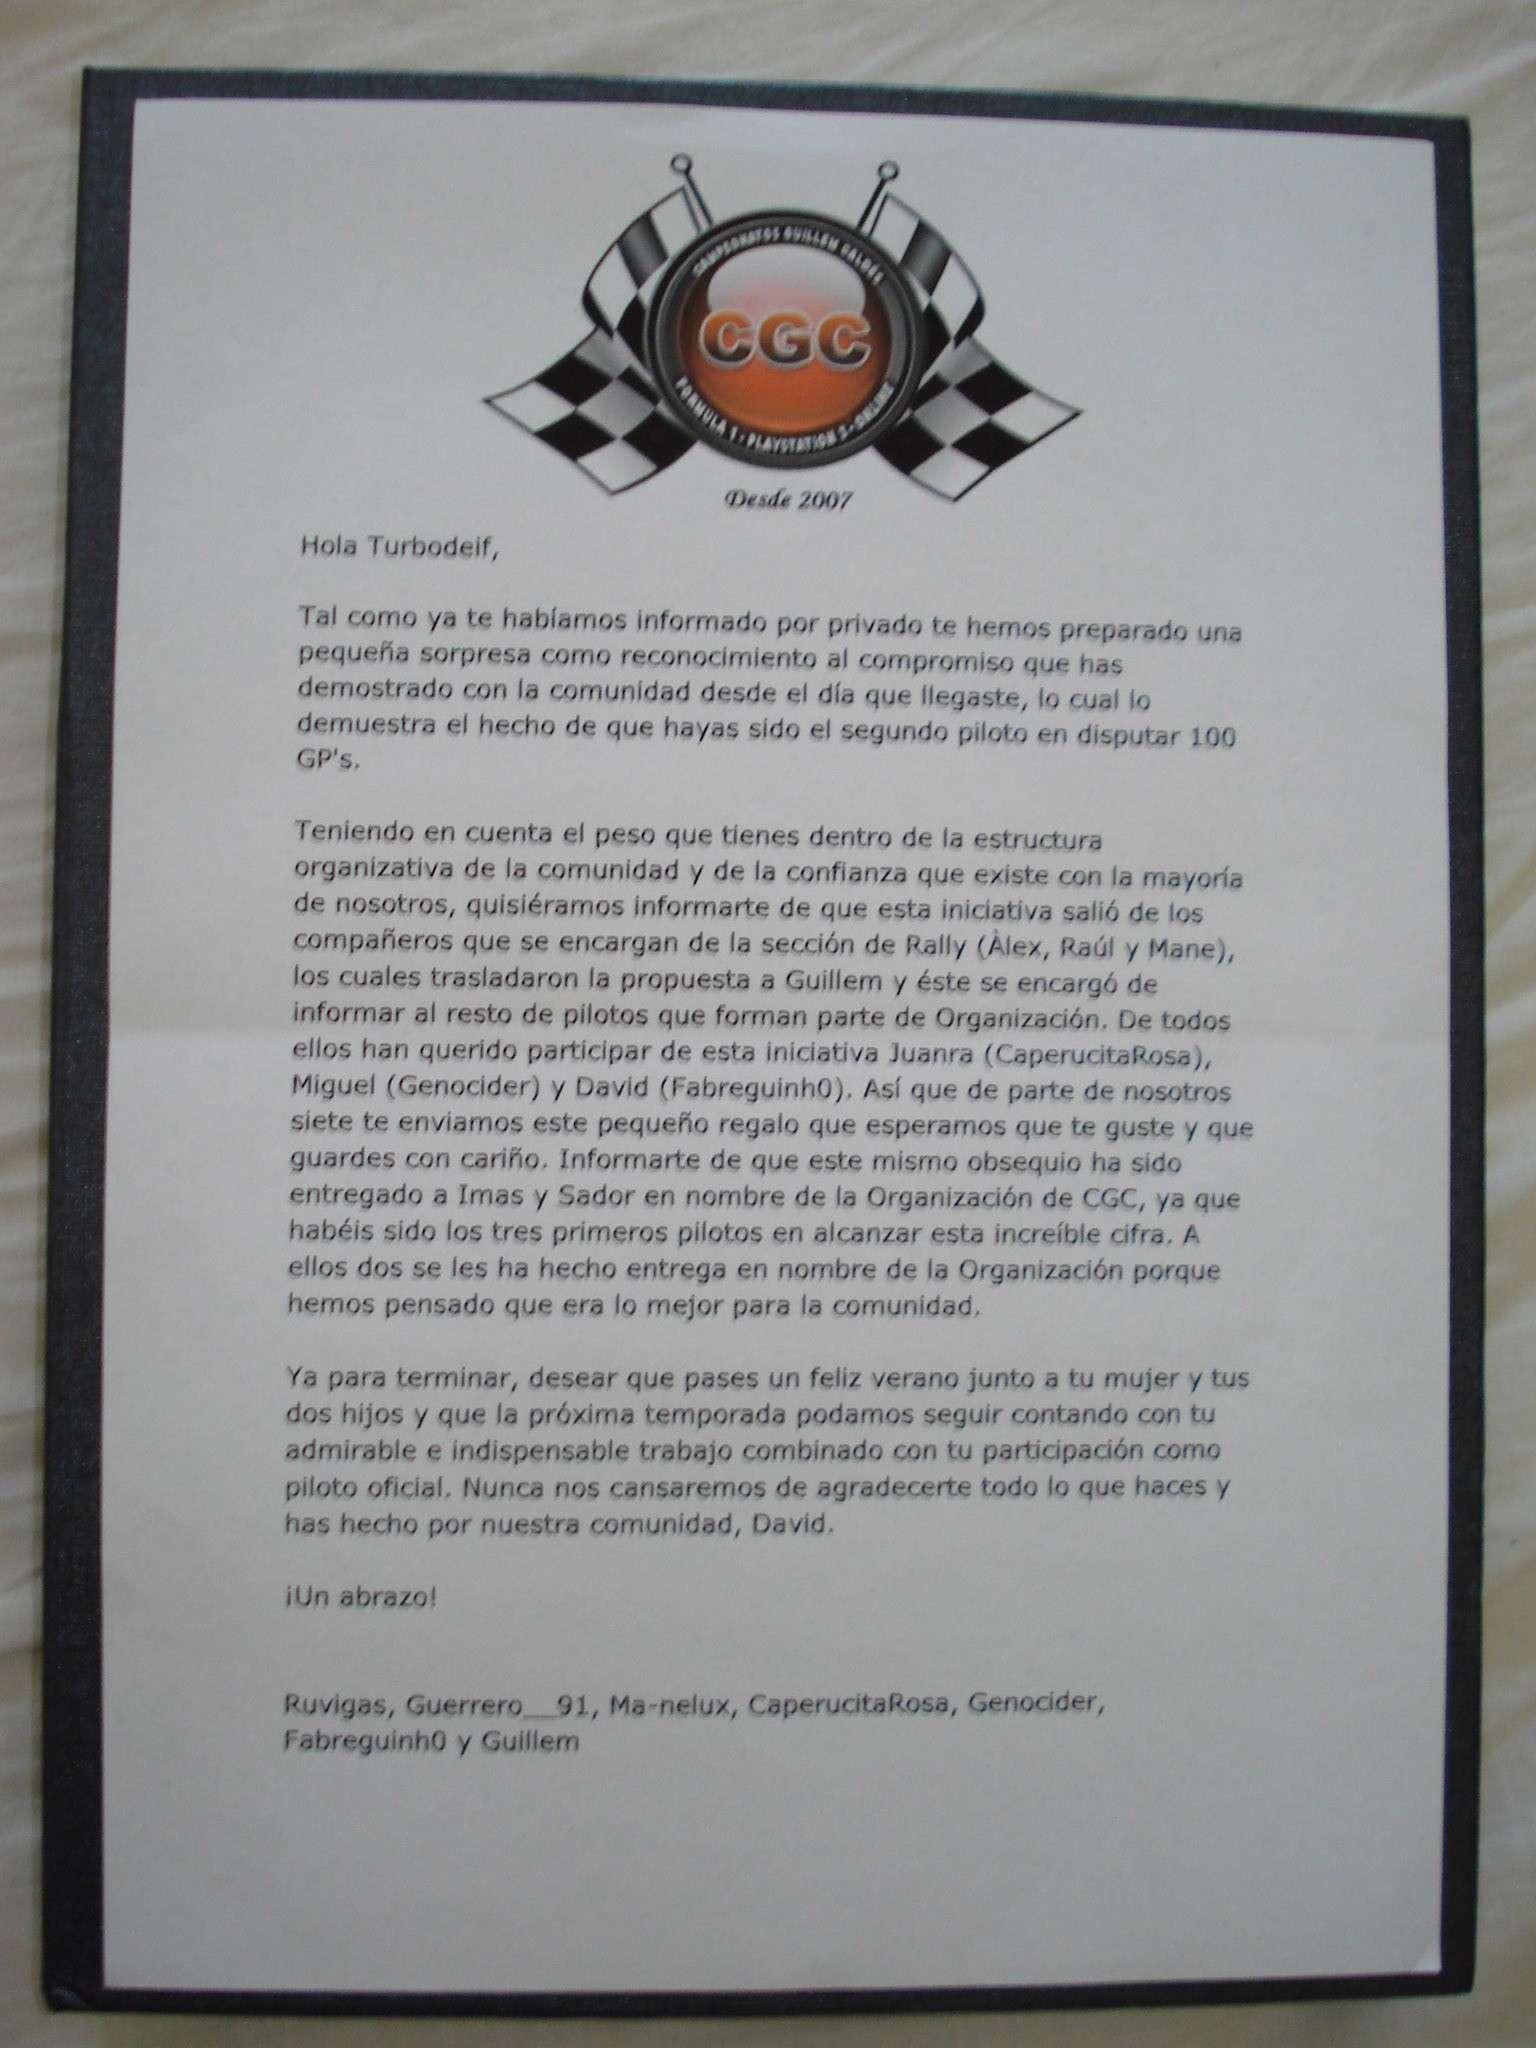 [Turbodeif] Placa conmemorativa 100 GPs. Gracias una vez más 710